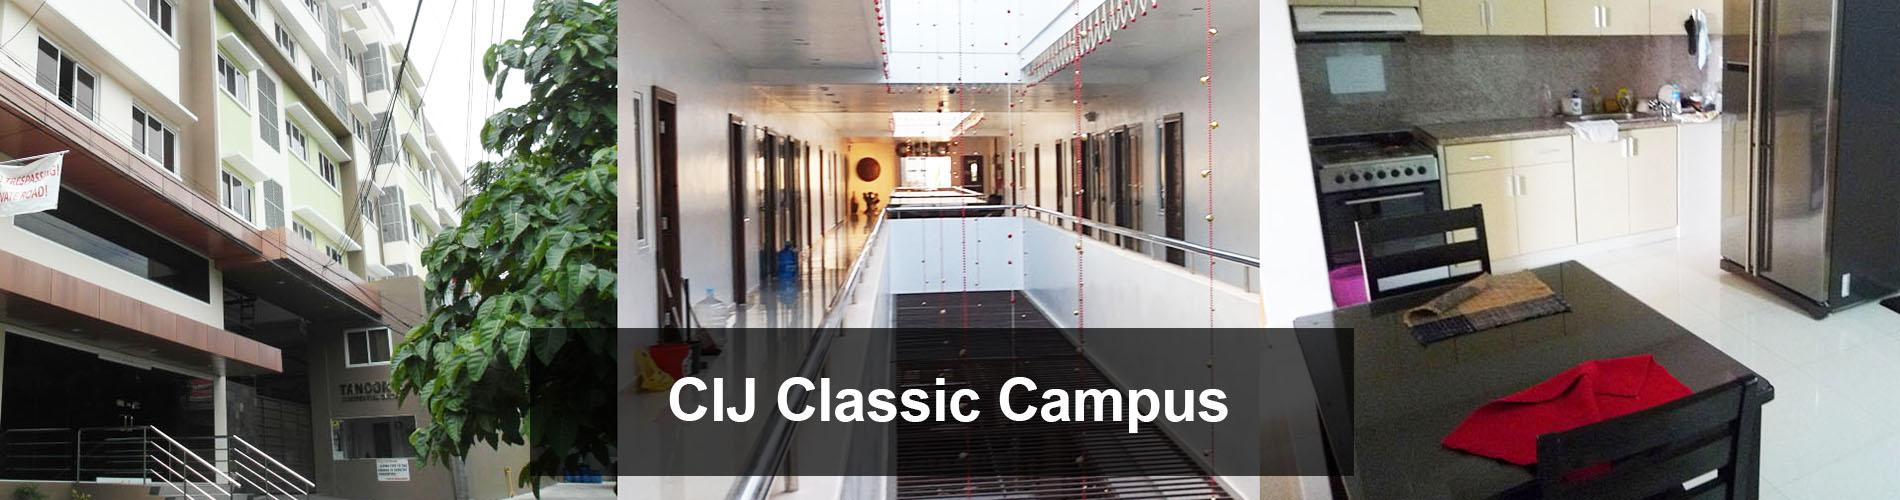 CEBU CIJ Classic Campus